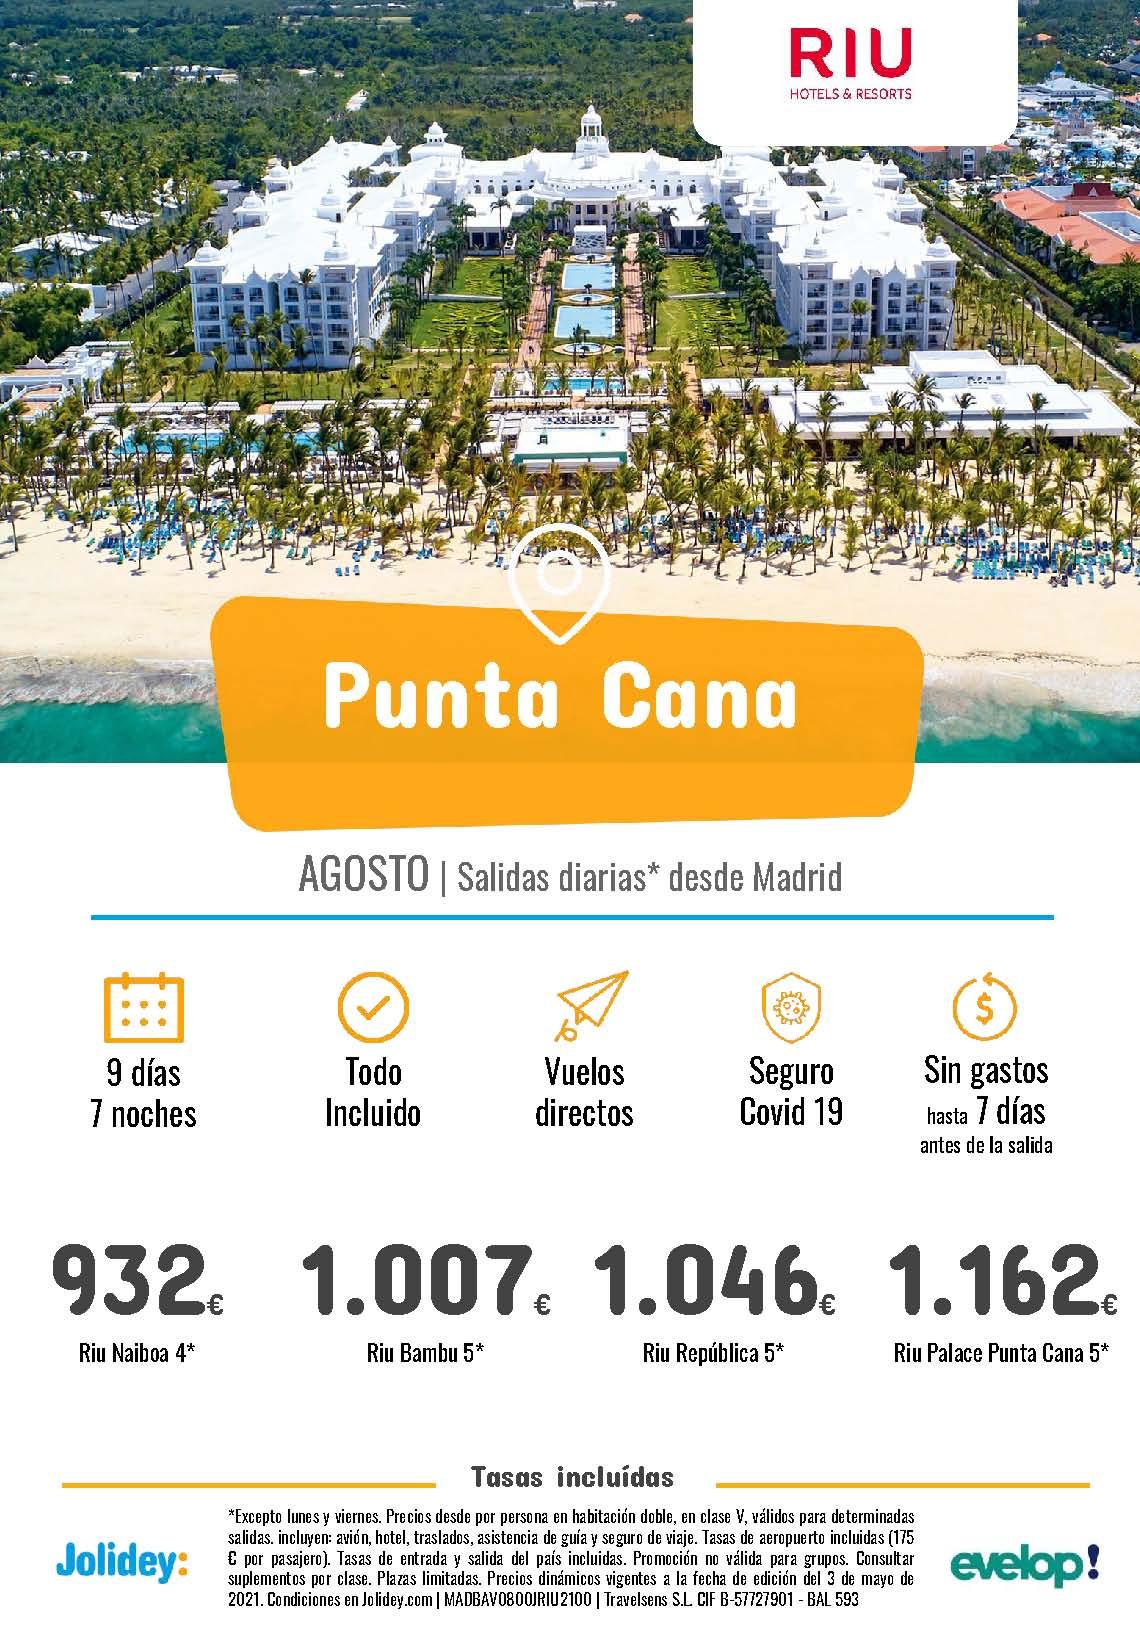 Ofertas Jolidey Punta Cana en Hoteles Riu Agosto 2021 vuelo directo desde Madrid